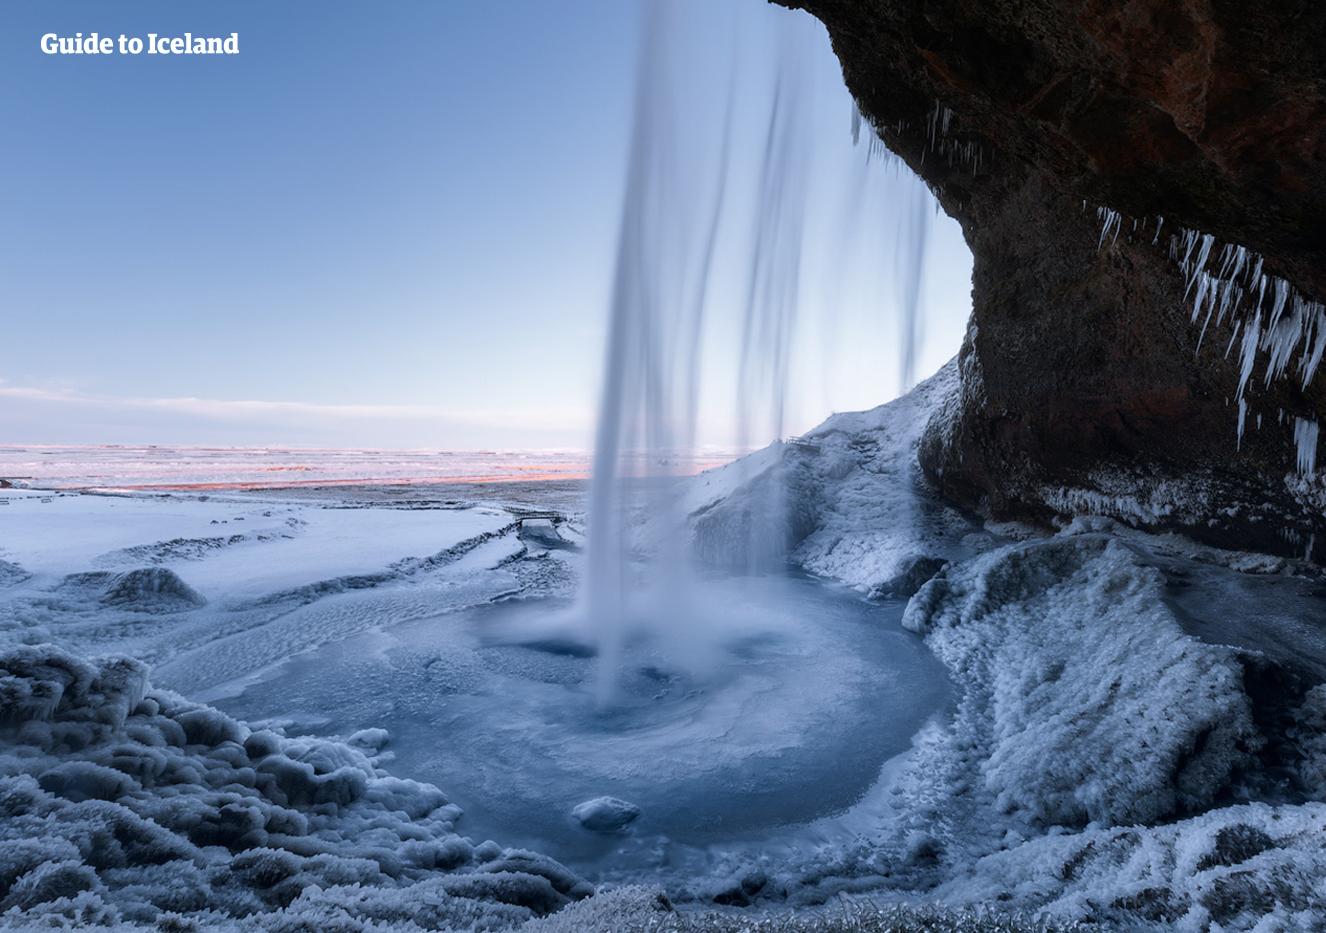 아이슬란드 남부해안의 셀랴란드스포스 폭포.